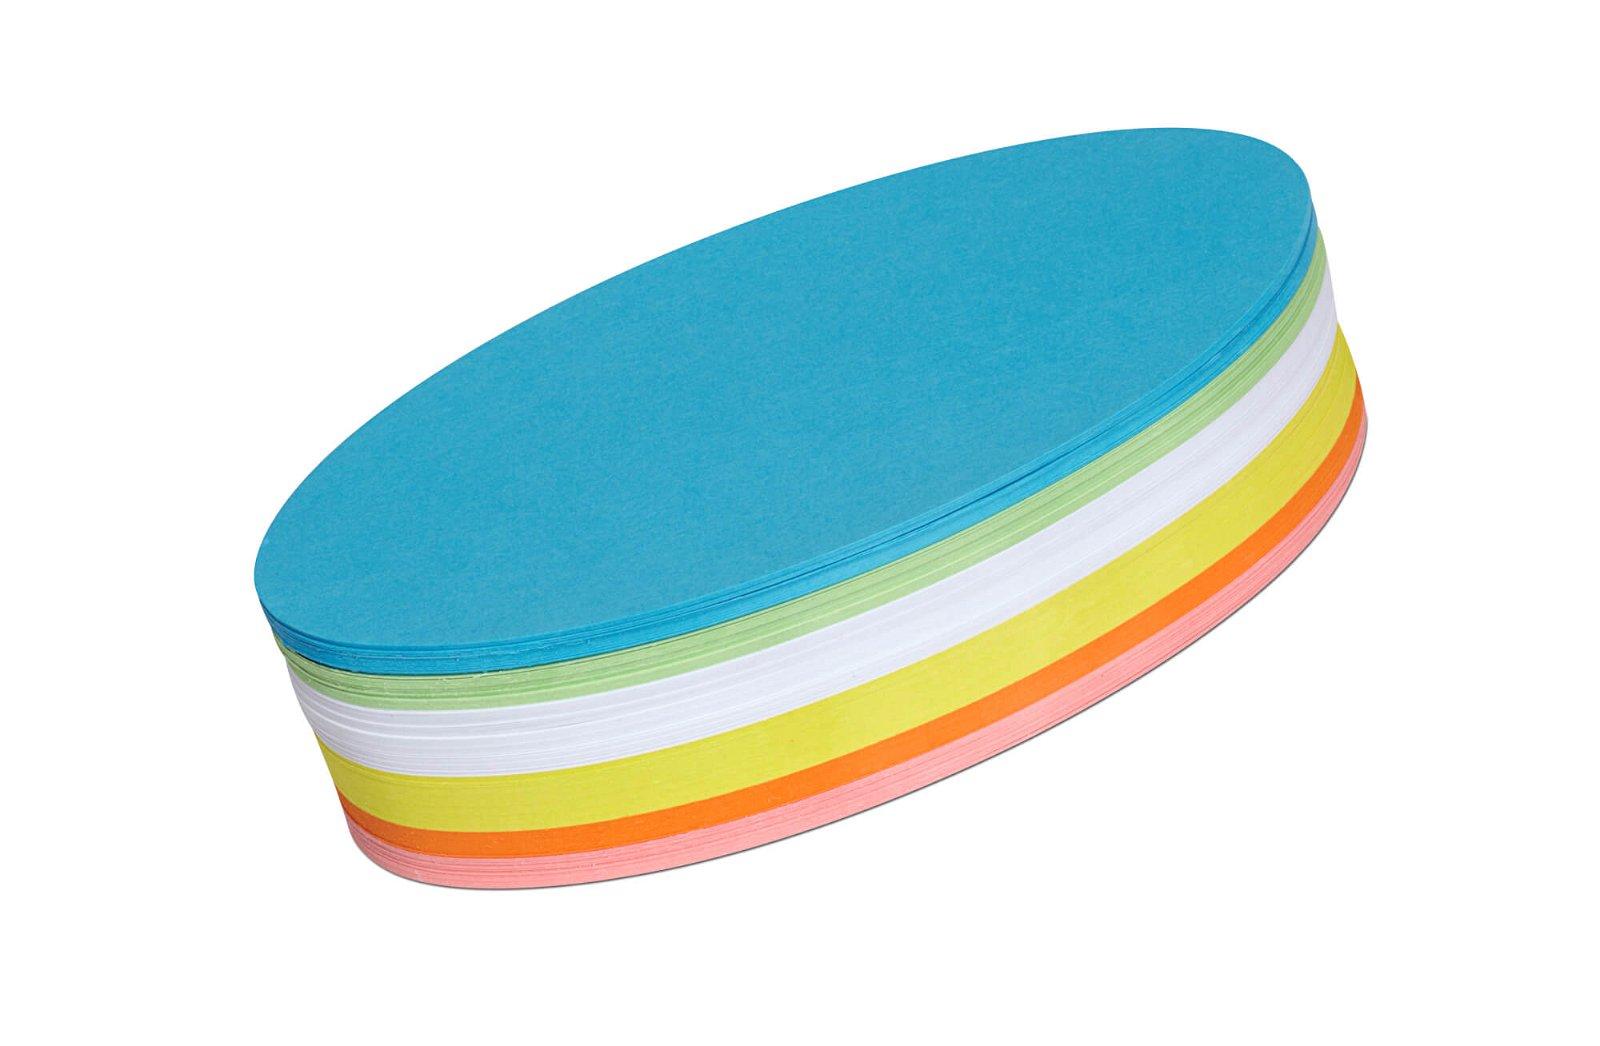 Moderationskarten oval, 11 x 19 cm, 250 St./Pack, farbig sortiert